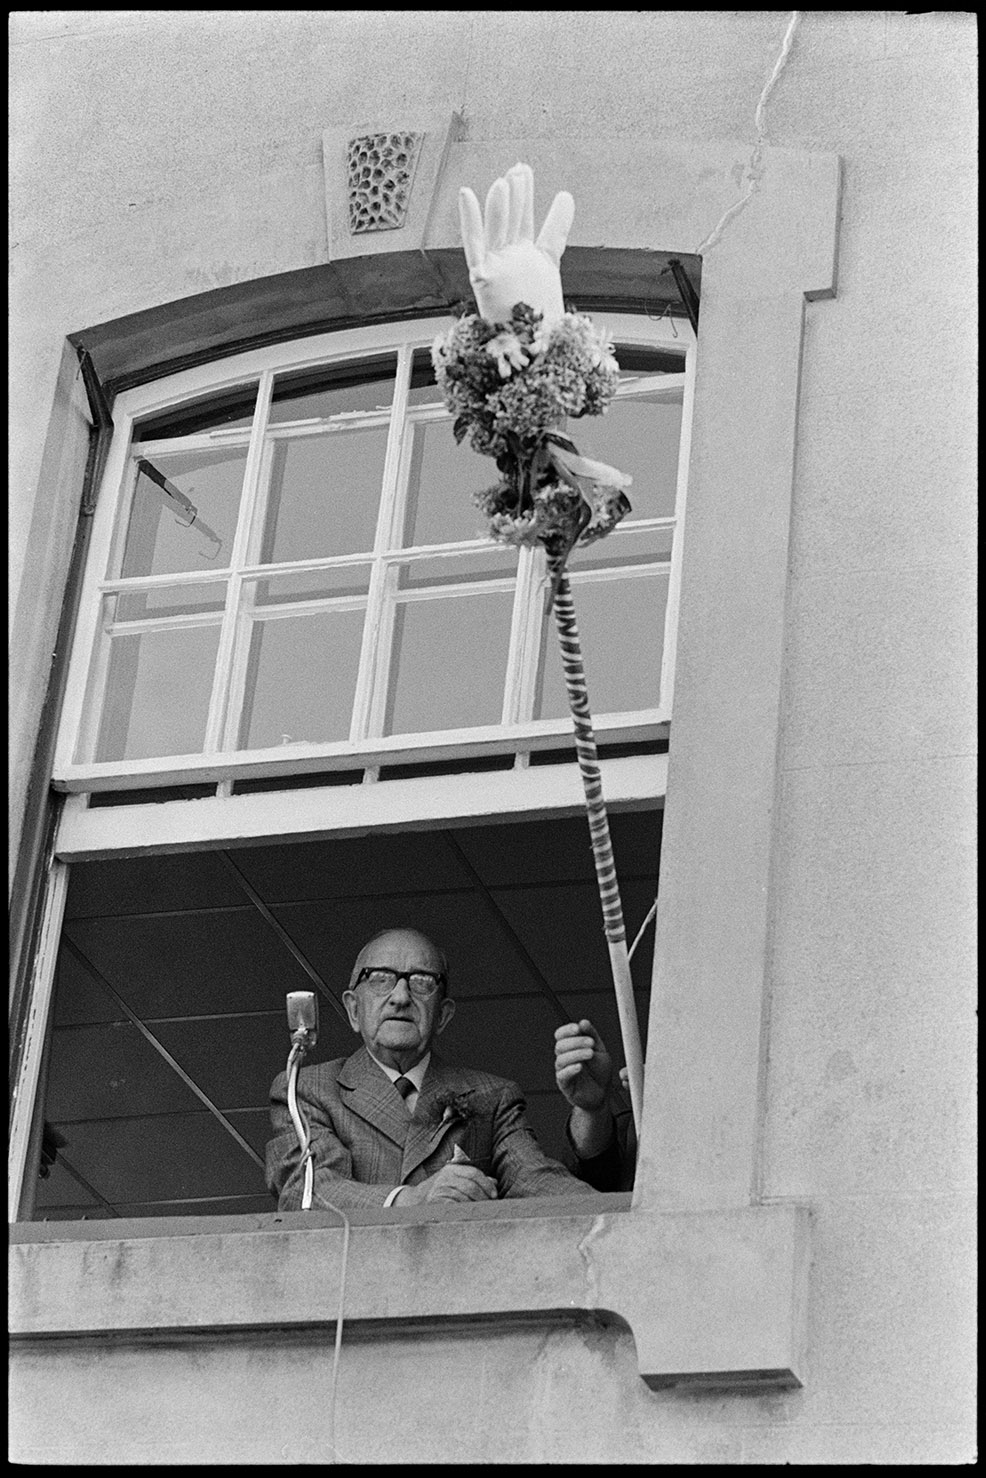 White glove at Chulmleigh fair. Chulmleigh,August 1981